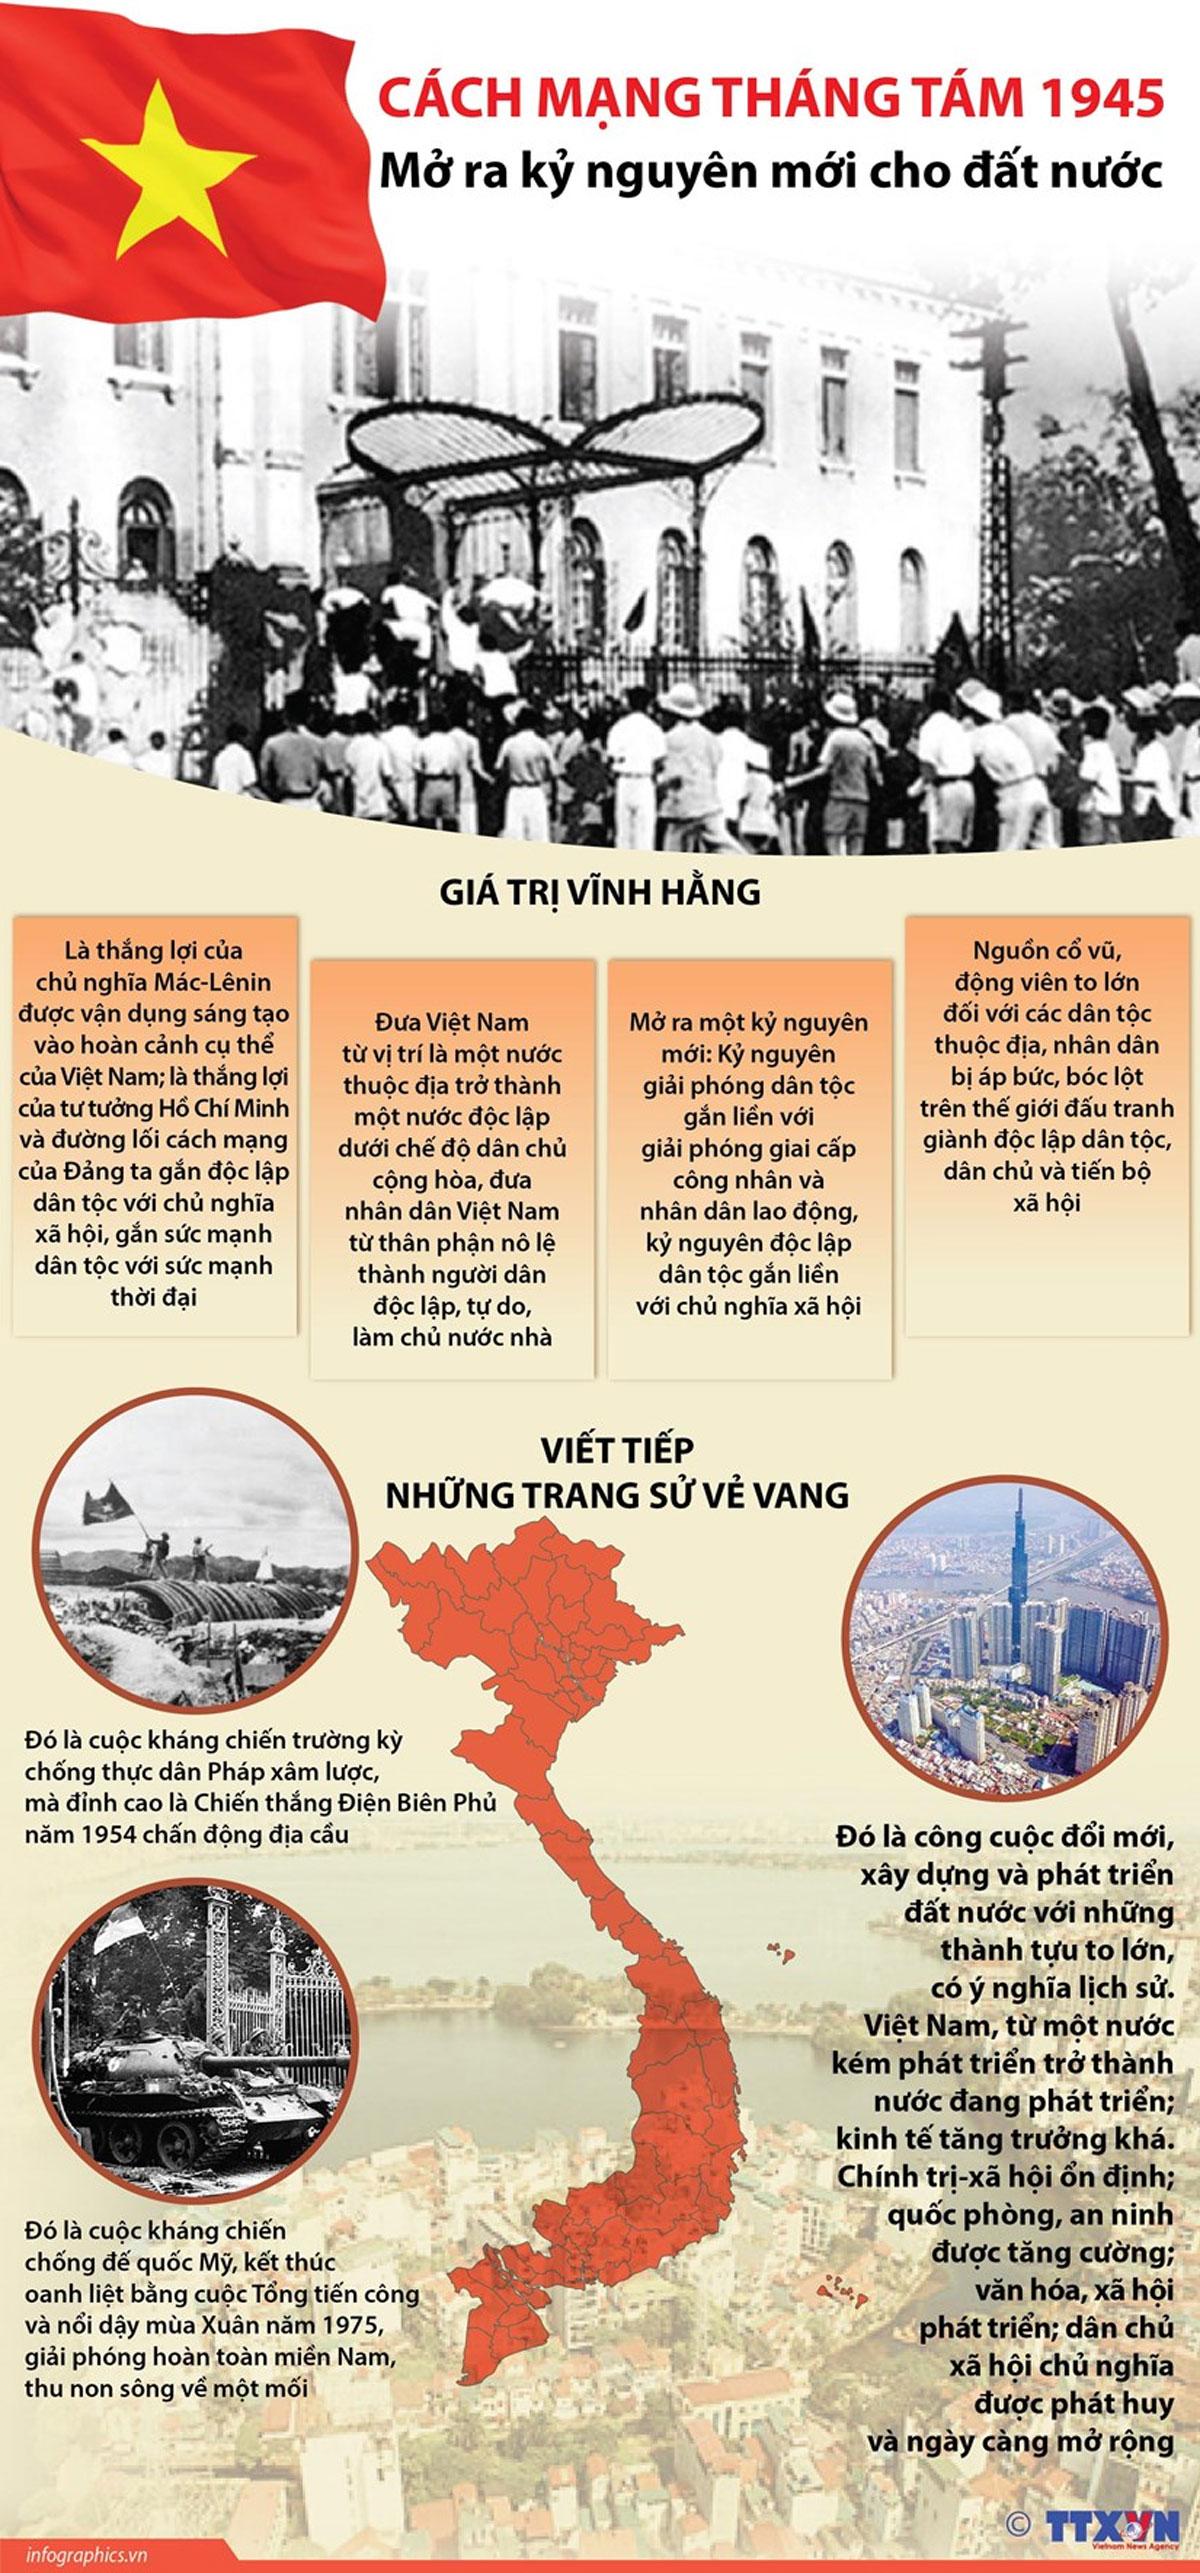 Cách mạng Tháng Tám 1945, mở ra, kỷ nguyên mới, đất nước